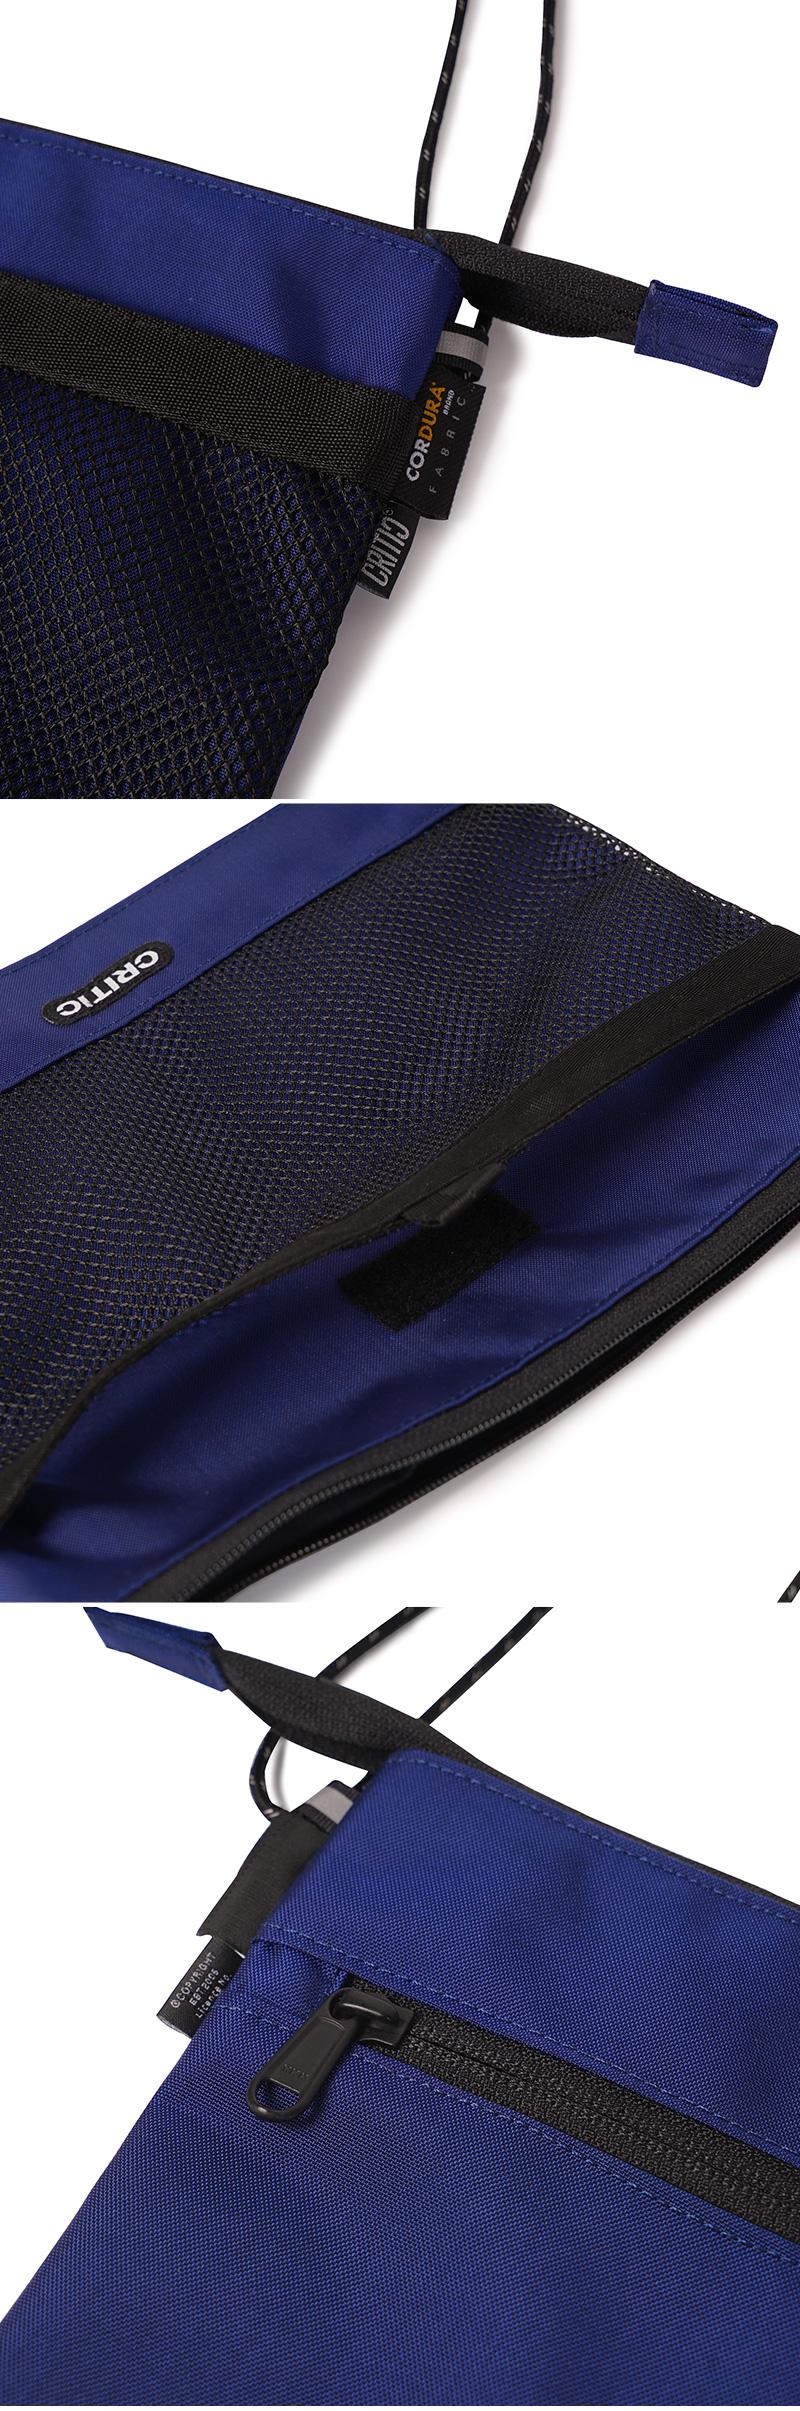 크리틱(CRITIC) CORDURA® SACOCHE BAG(ROYAL BLUE)_CTONUBG02UB3